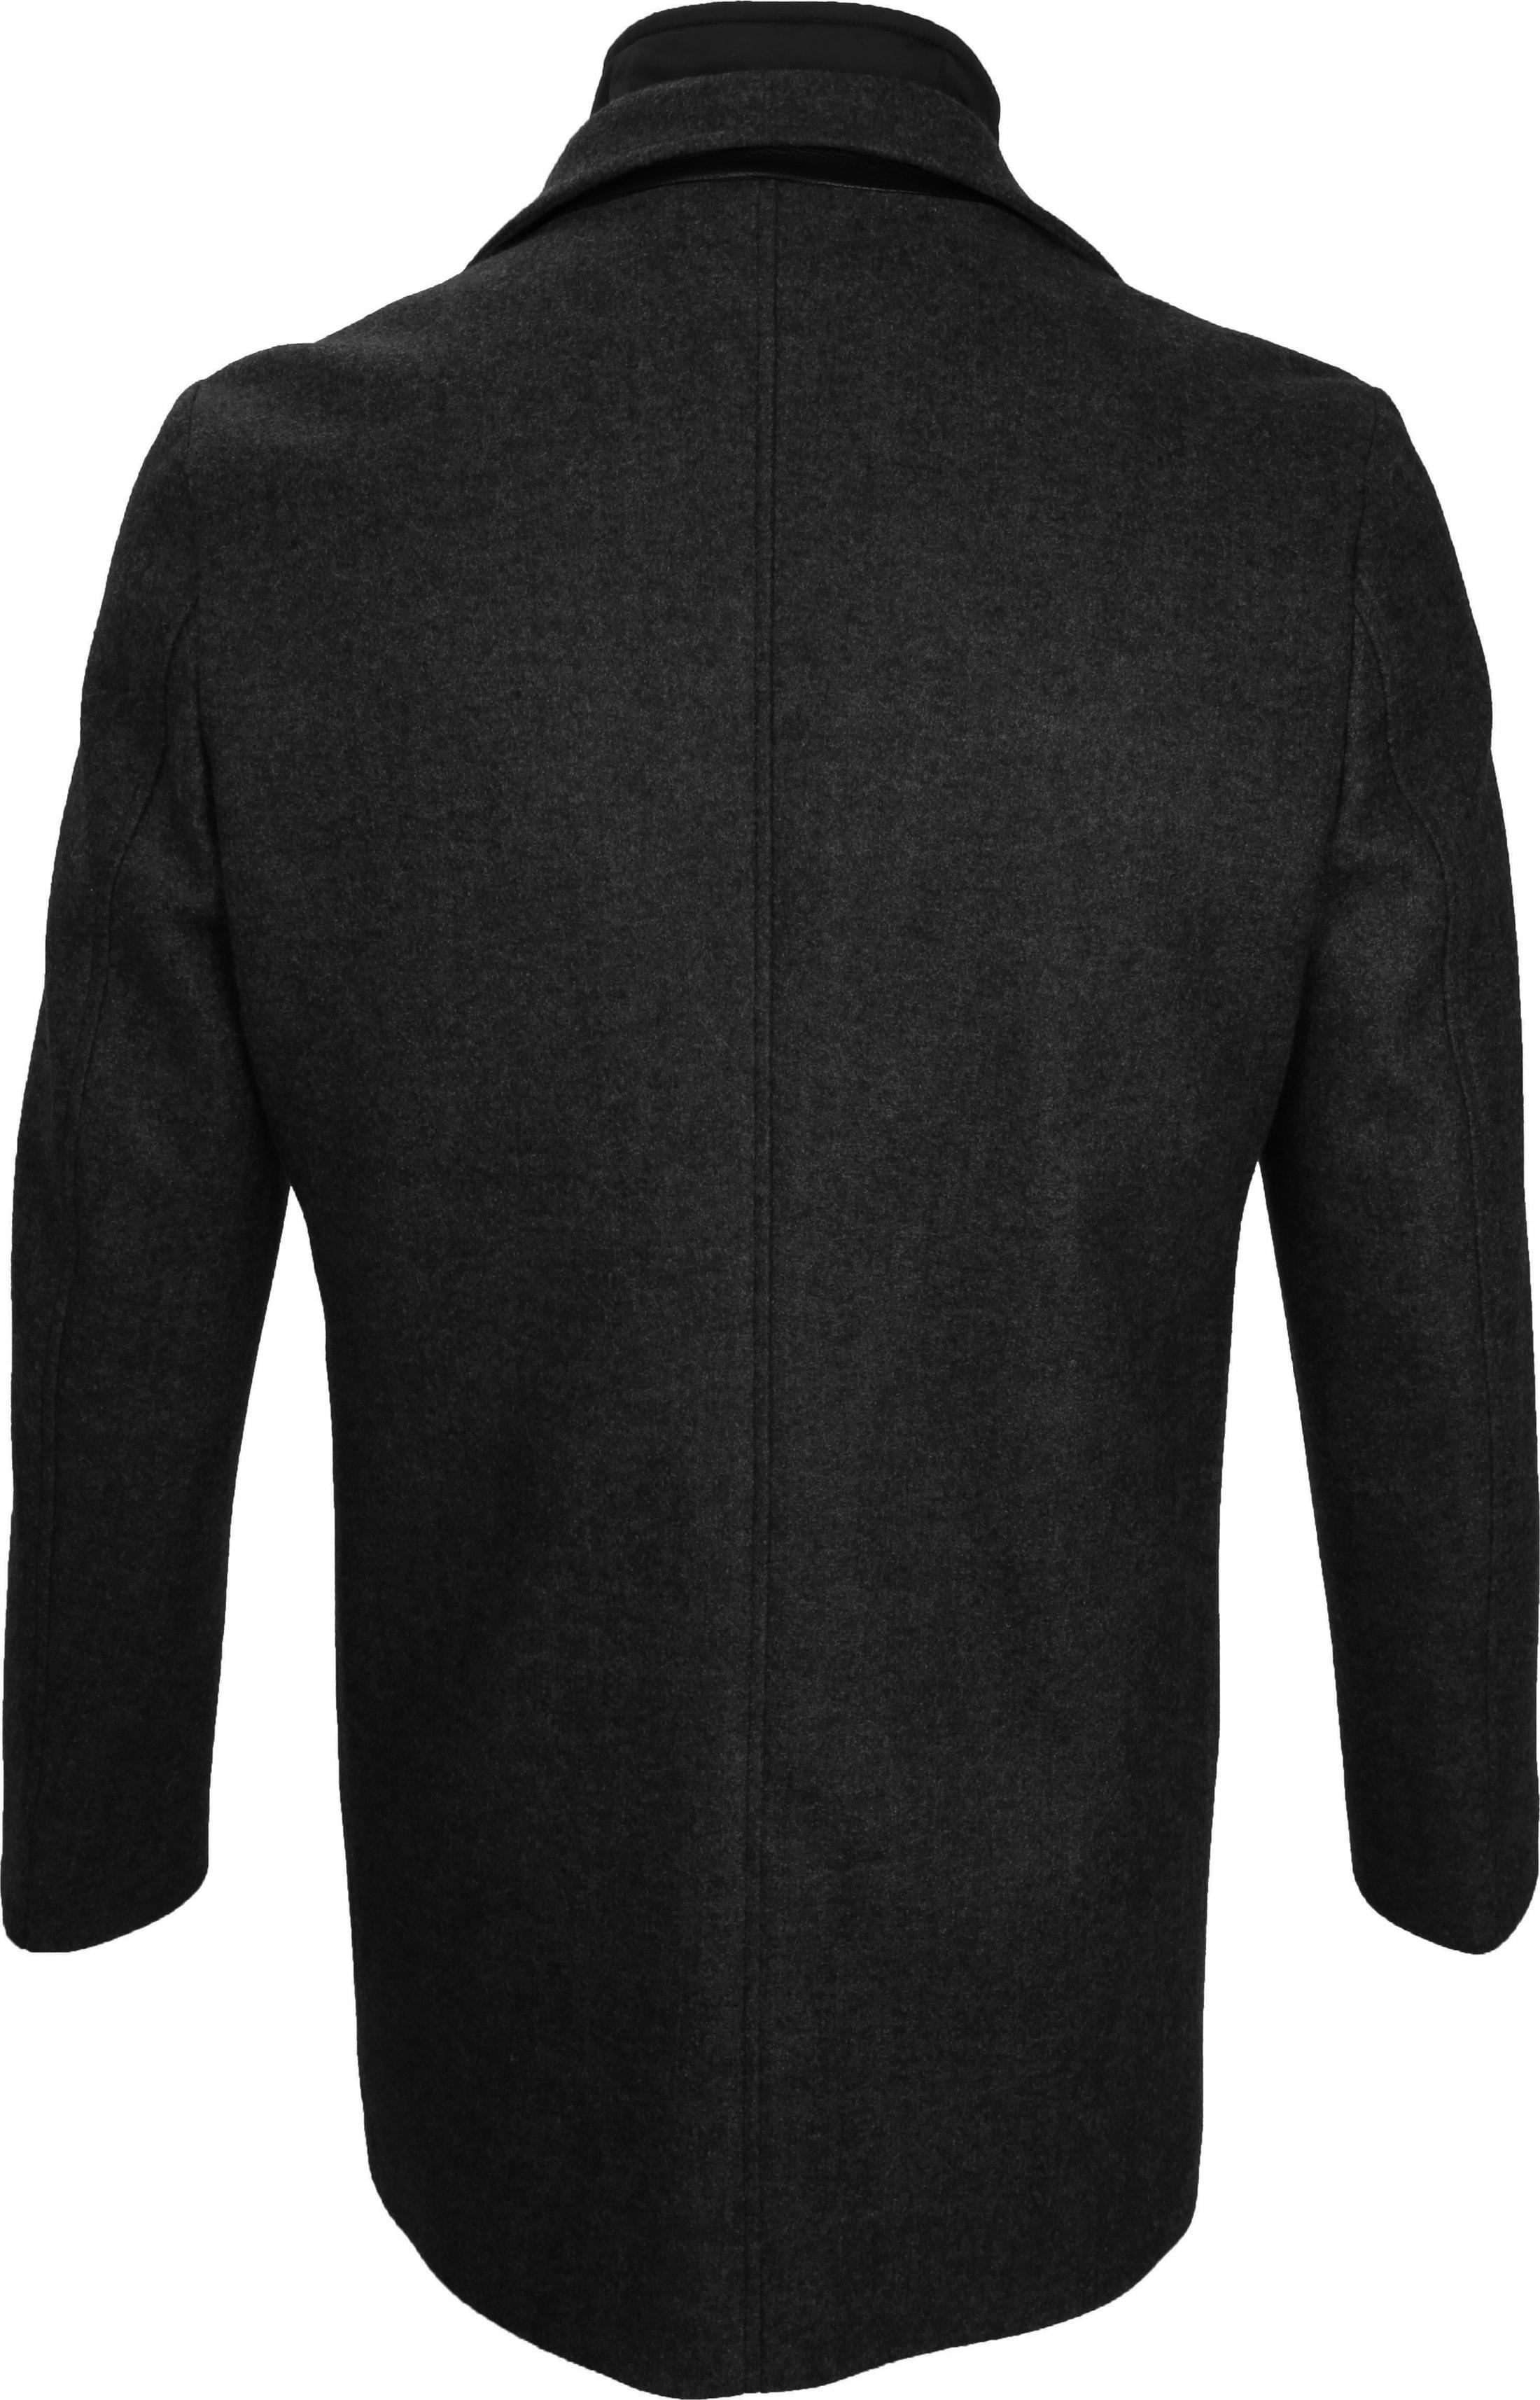 Suitable Coat Soest Antraciet foto 5